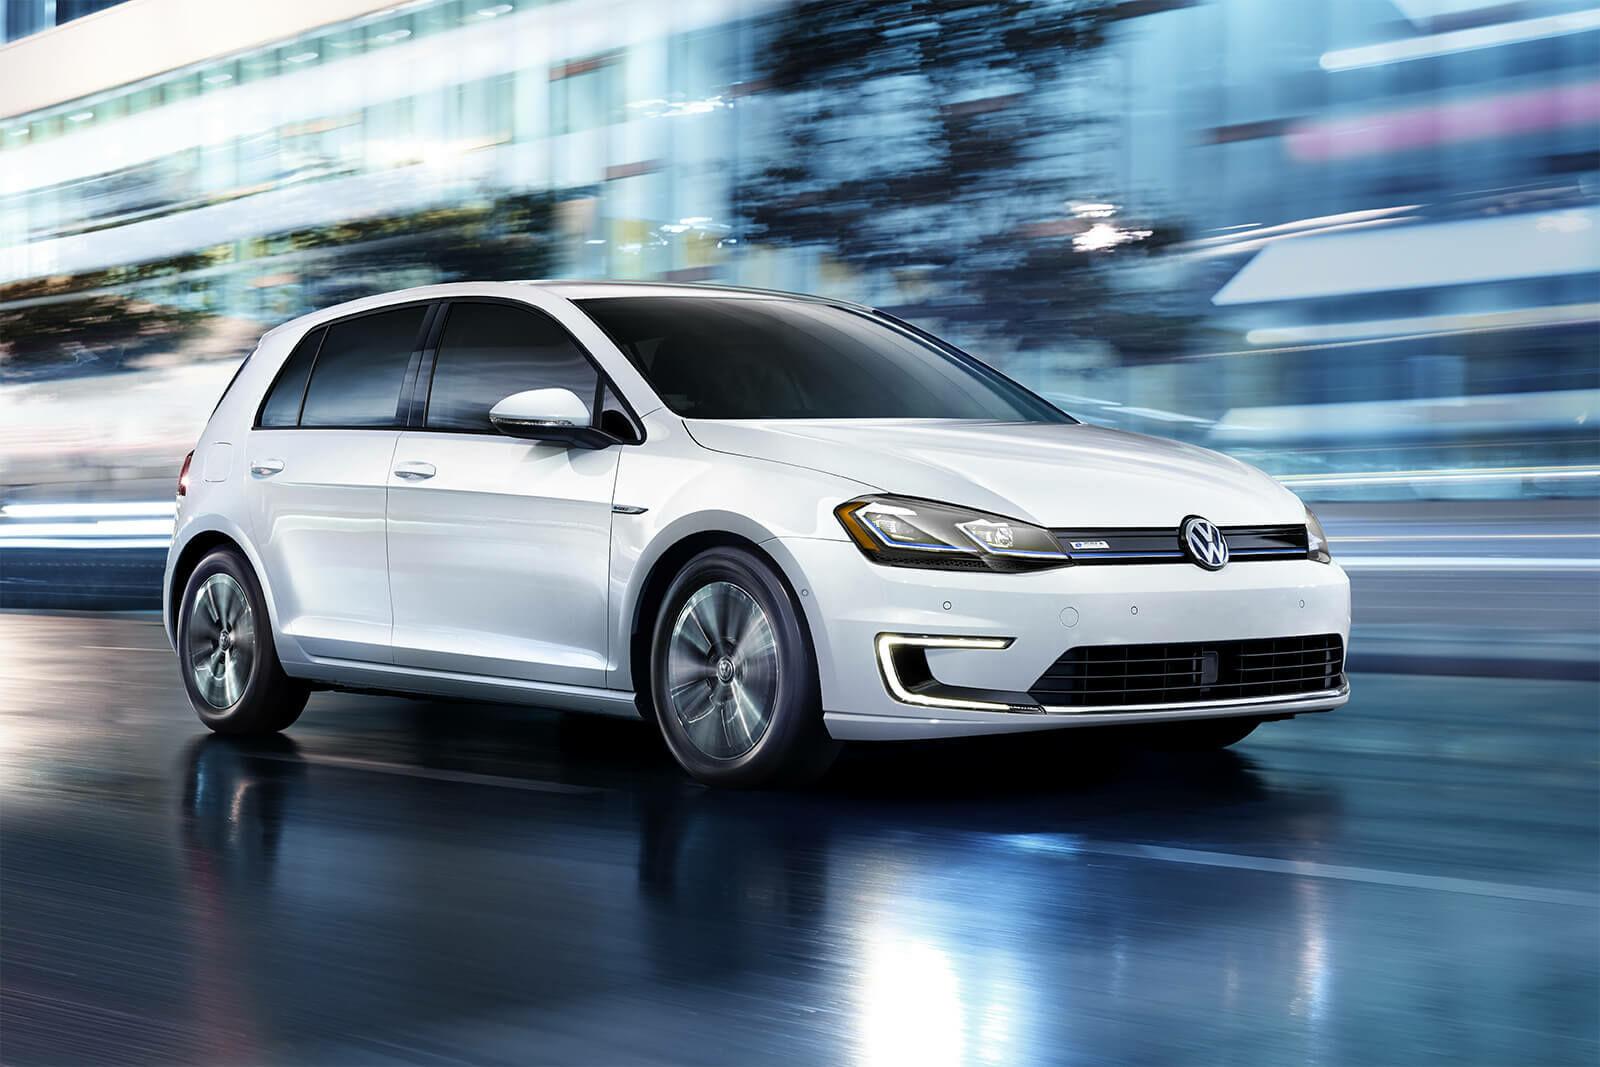 """Vidaus degimo varikli, viso gero - """"Volkswagen"""" paskelbė nuo kada gamins tik elektromobilius"""